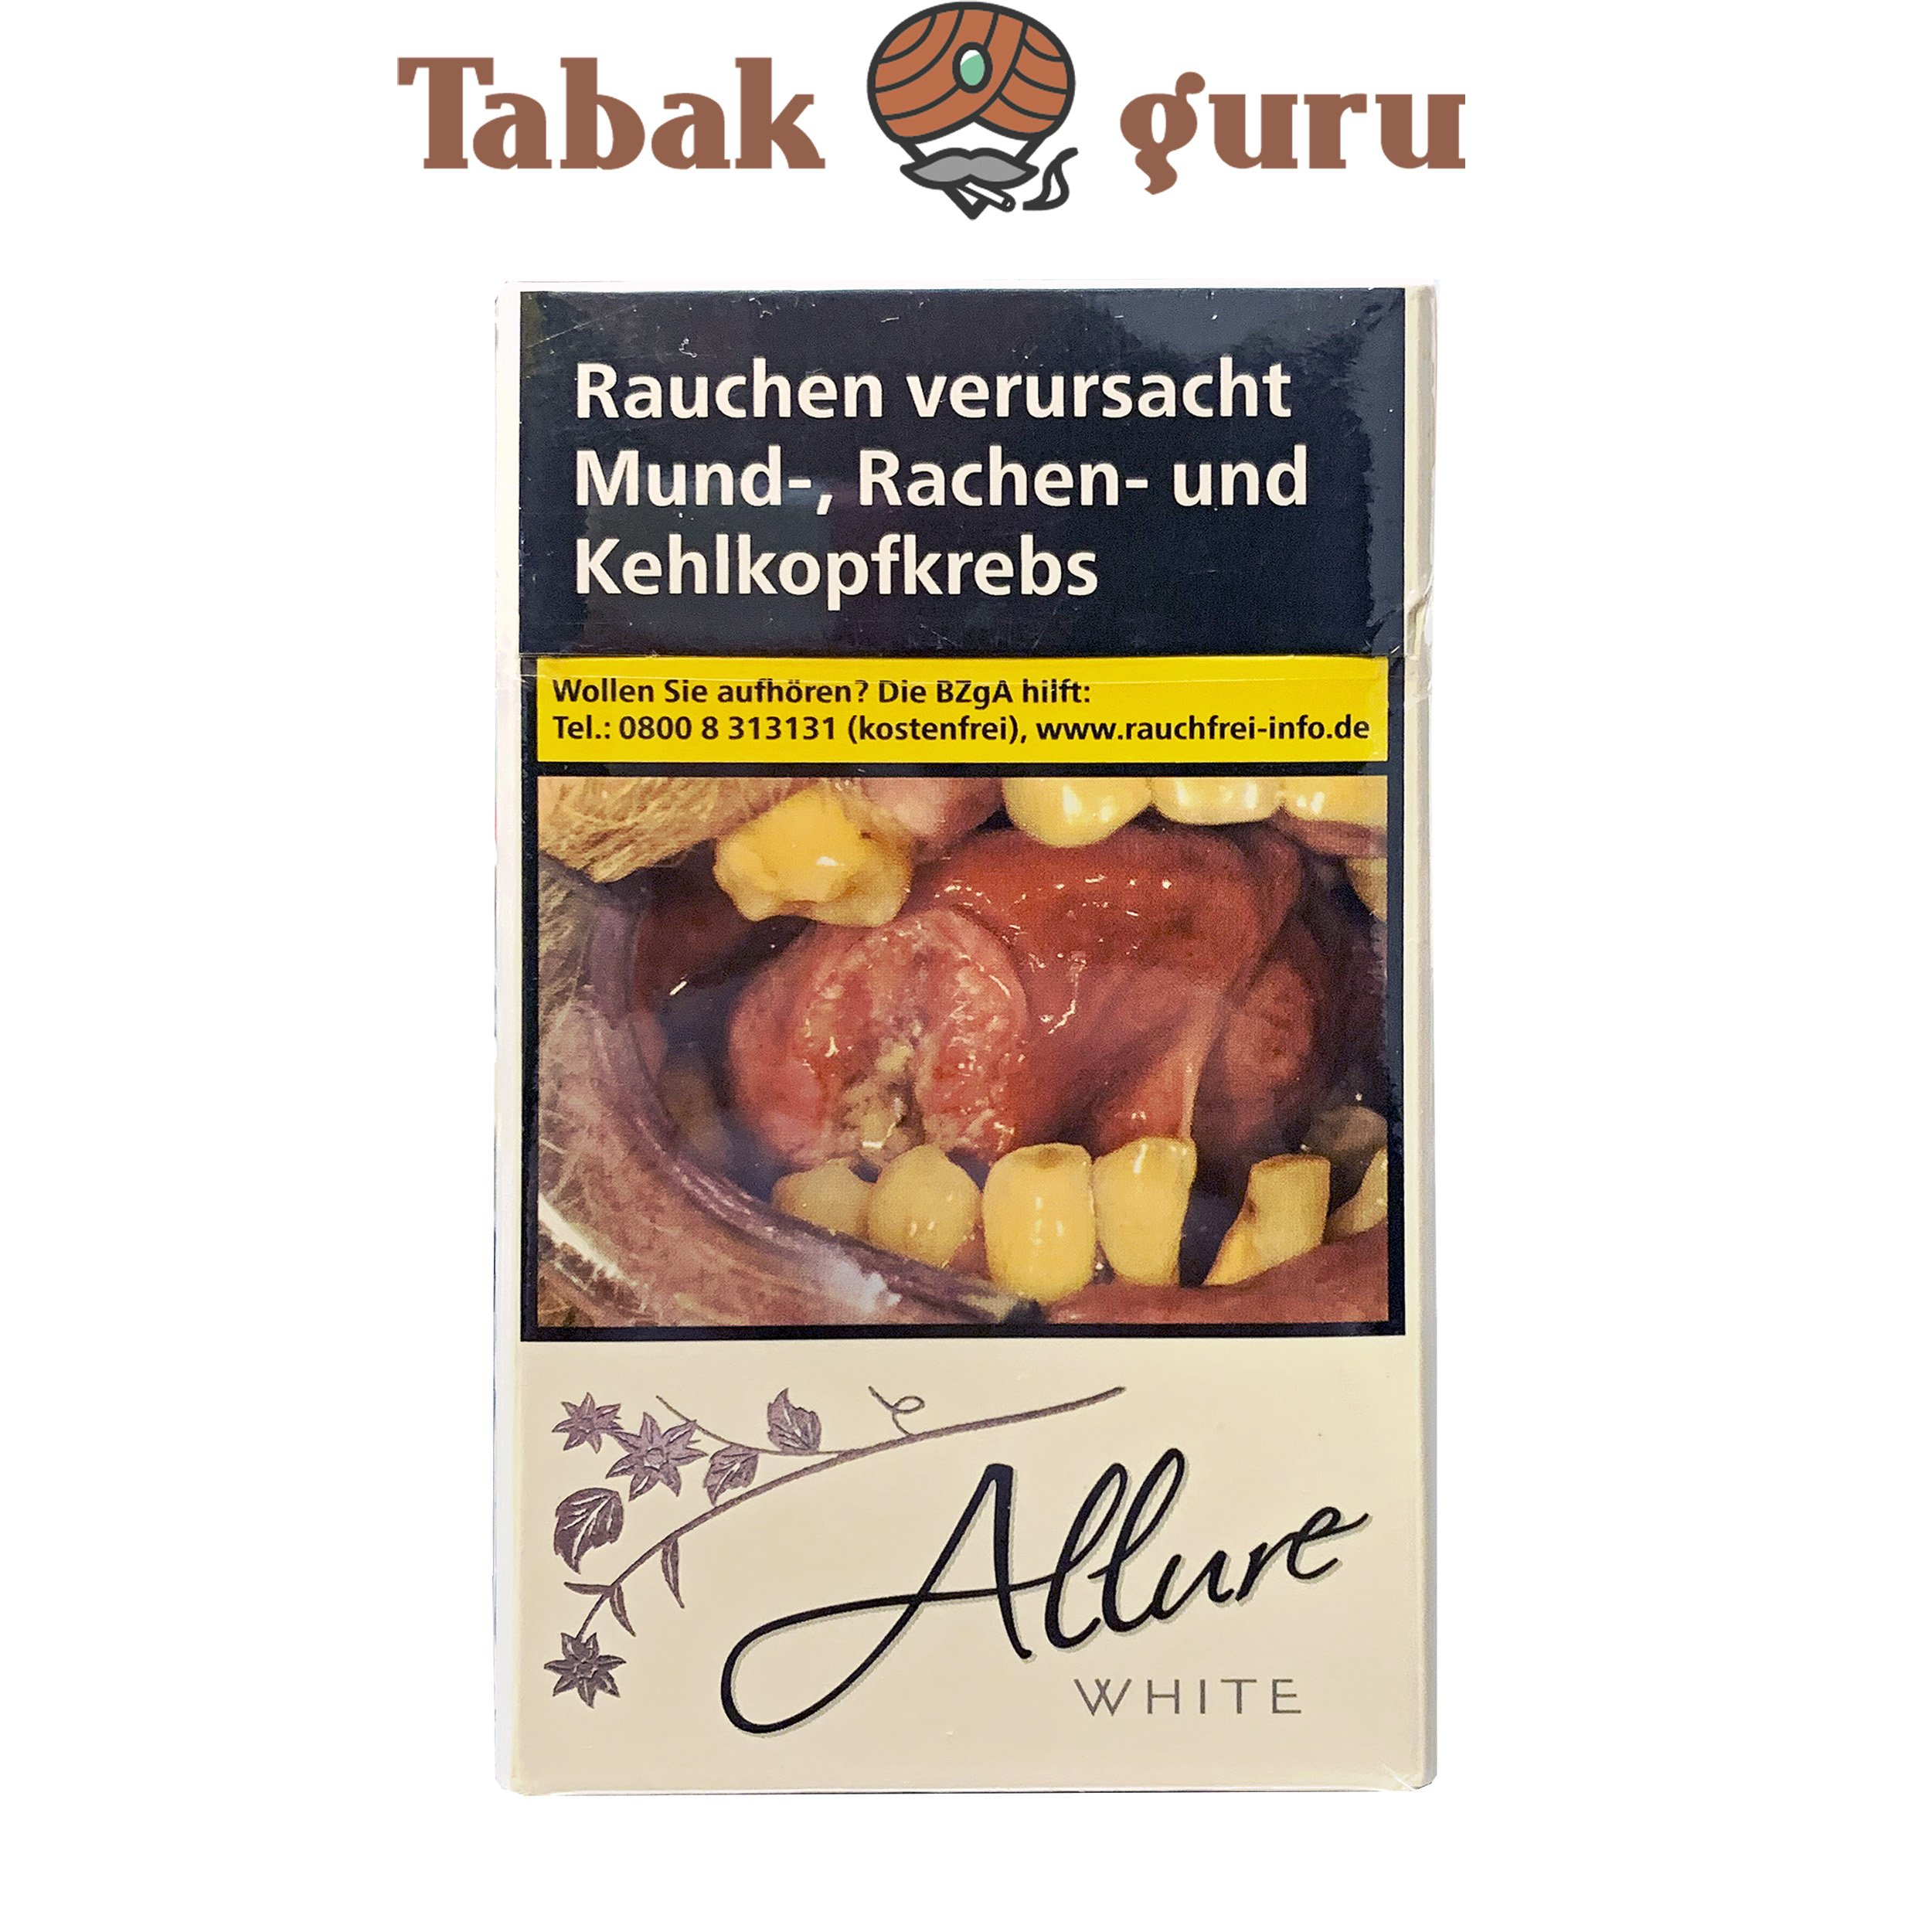 Allure White Super Slim Zigaretten